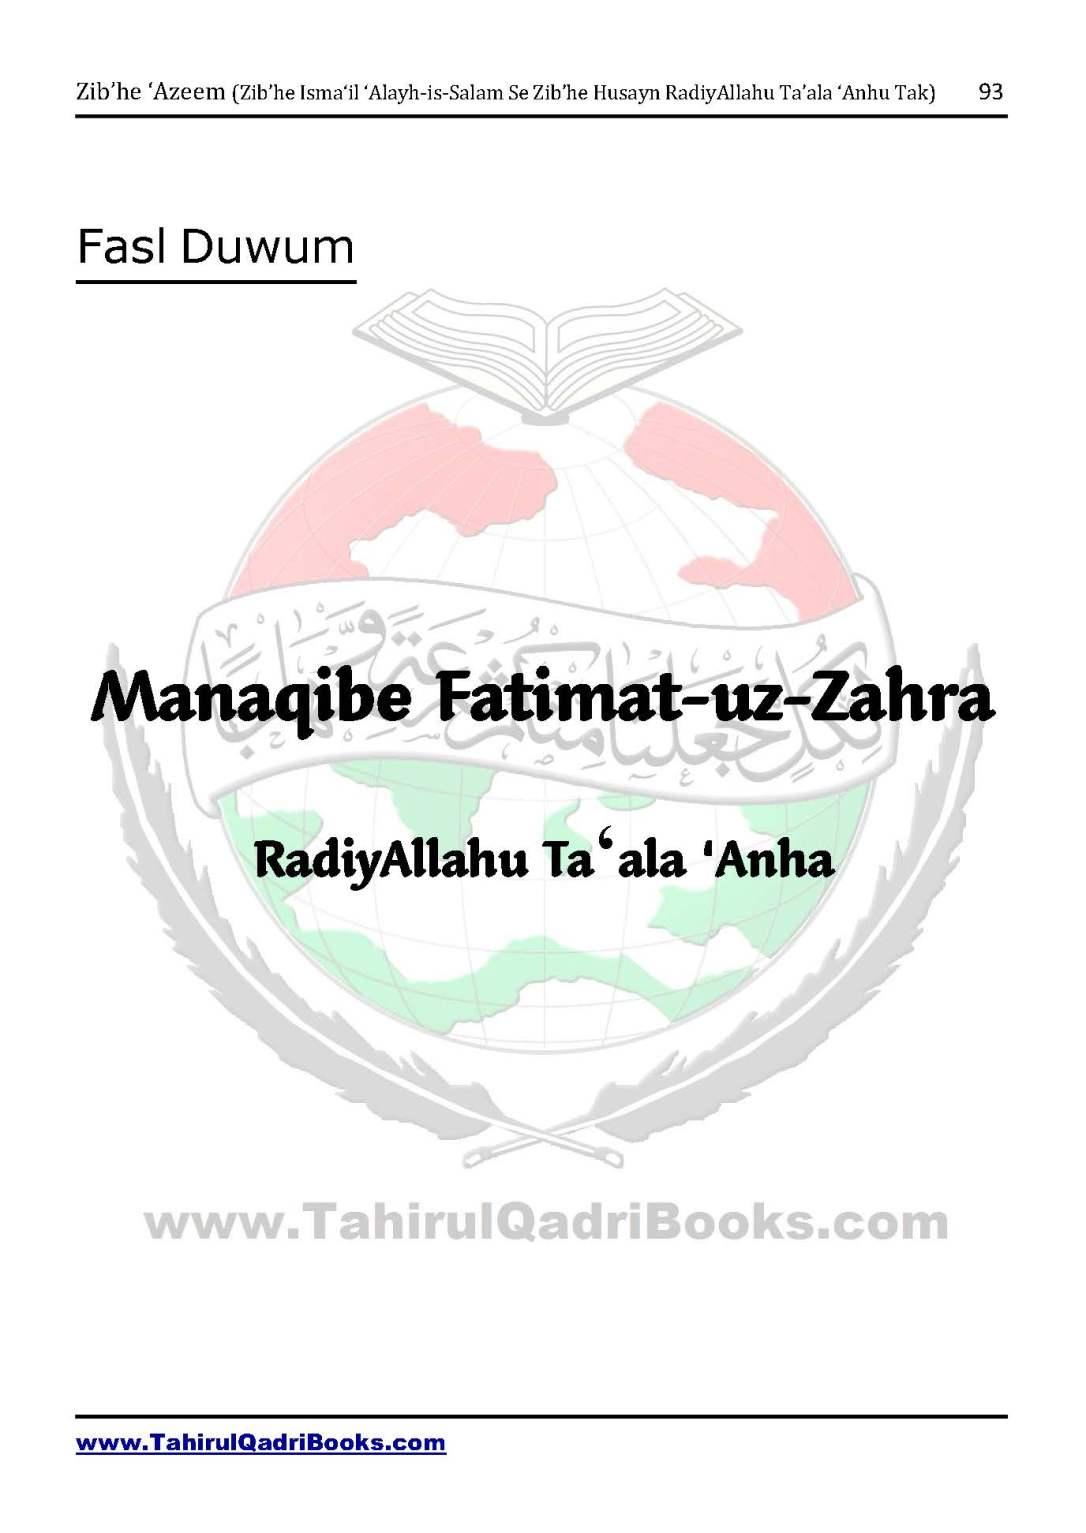 zib_he-e28098azeem-zib_he-ismacabbil-se-zib_he-husayn-tak-in-roman-urdu-unlocked_Page_093